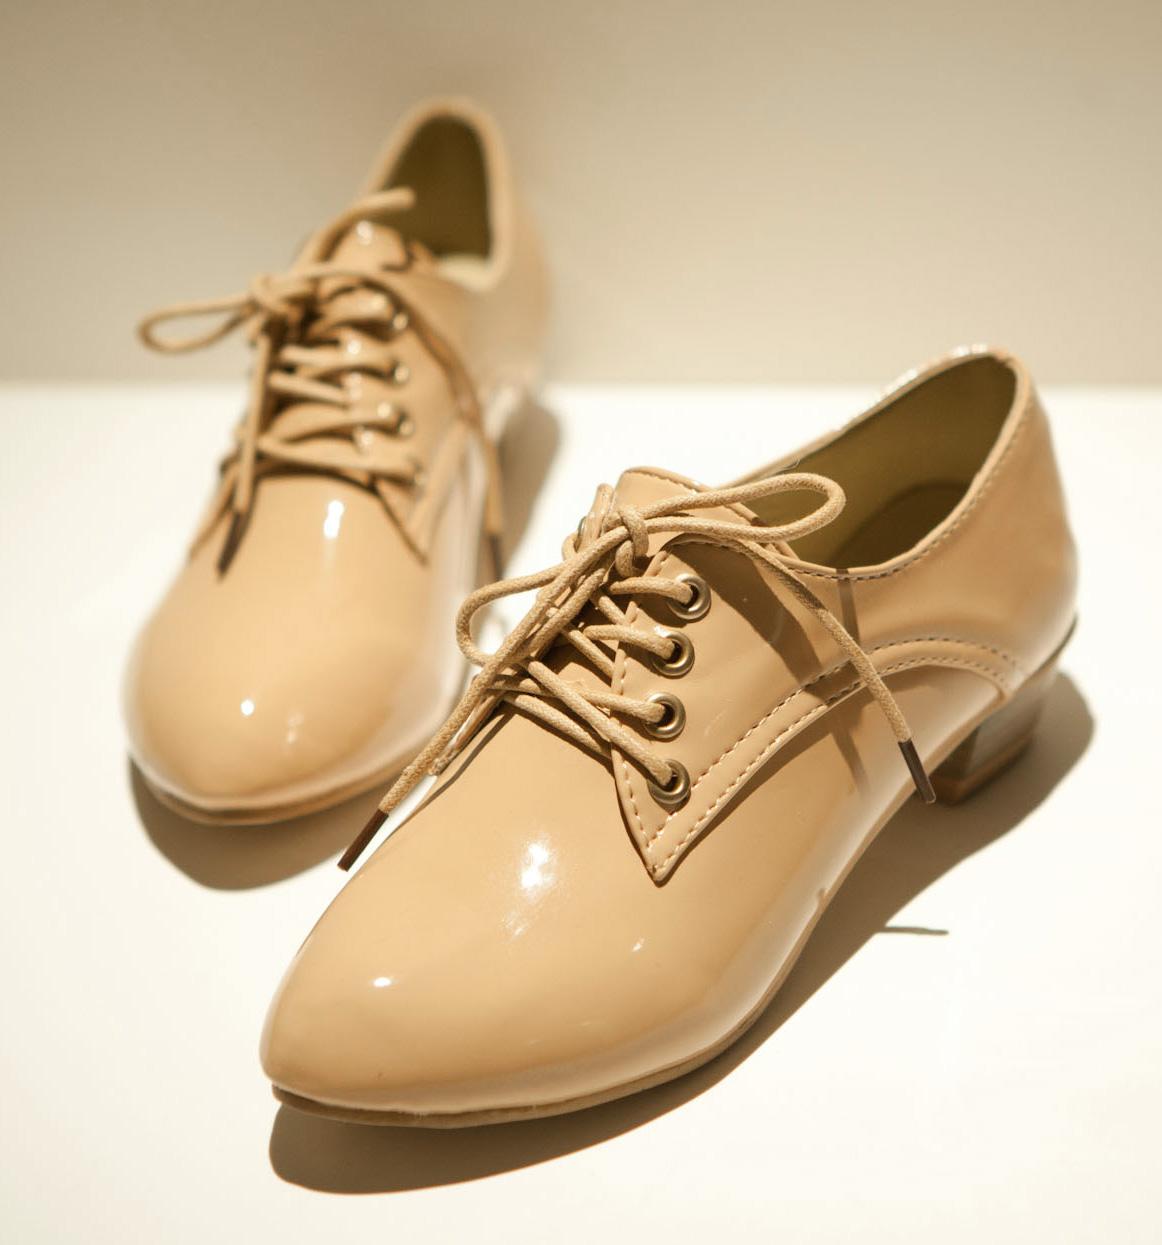 туфли Лето 2013 года Южная Корея указали новые старинные улицы принцесса моды лакированные туфли Англии кружево Женская обувь Европейского Вентилятор Лакированная кожа Искусственная кожа